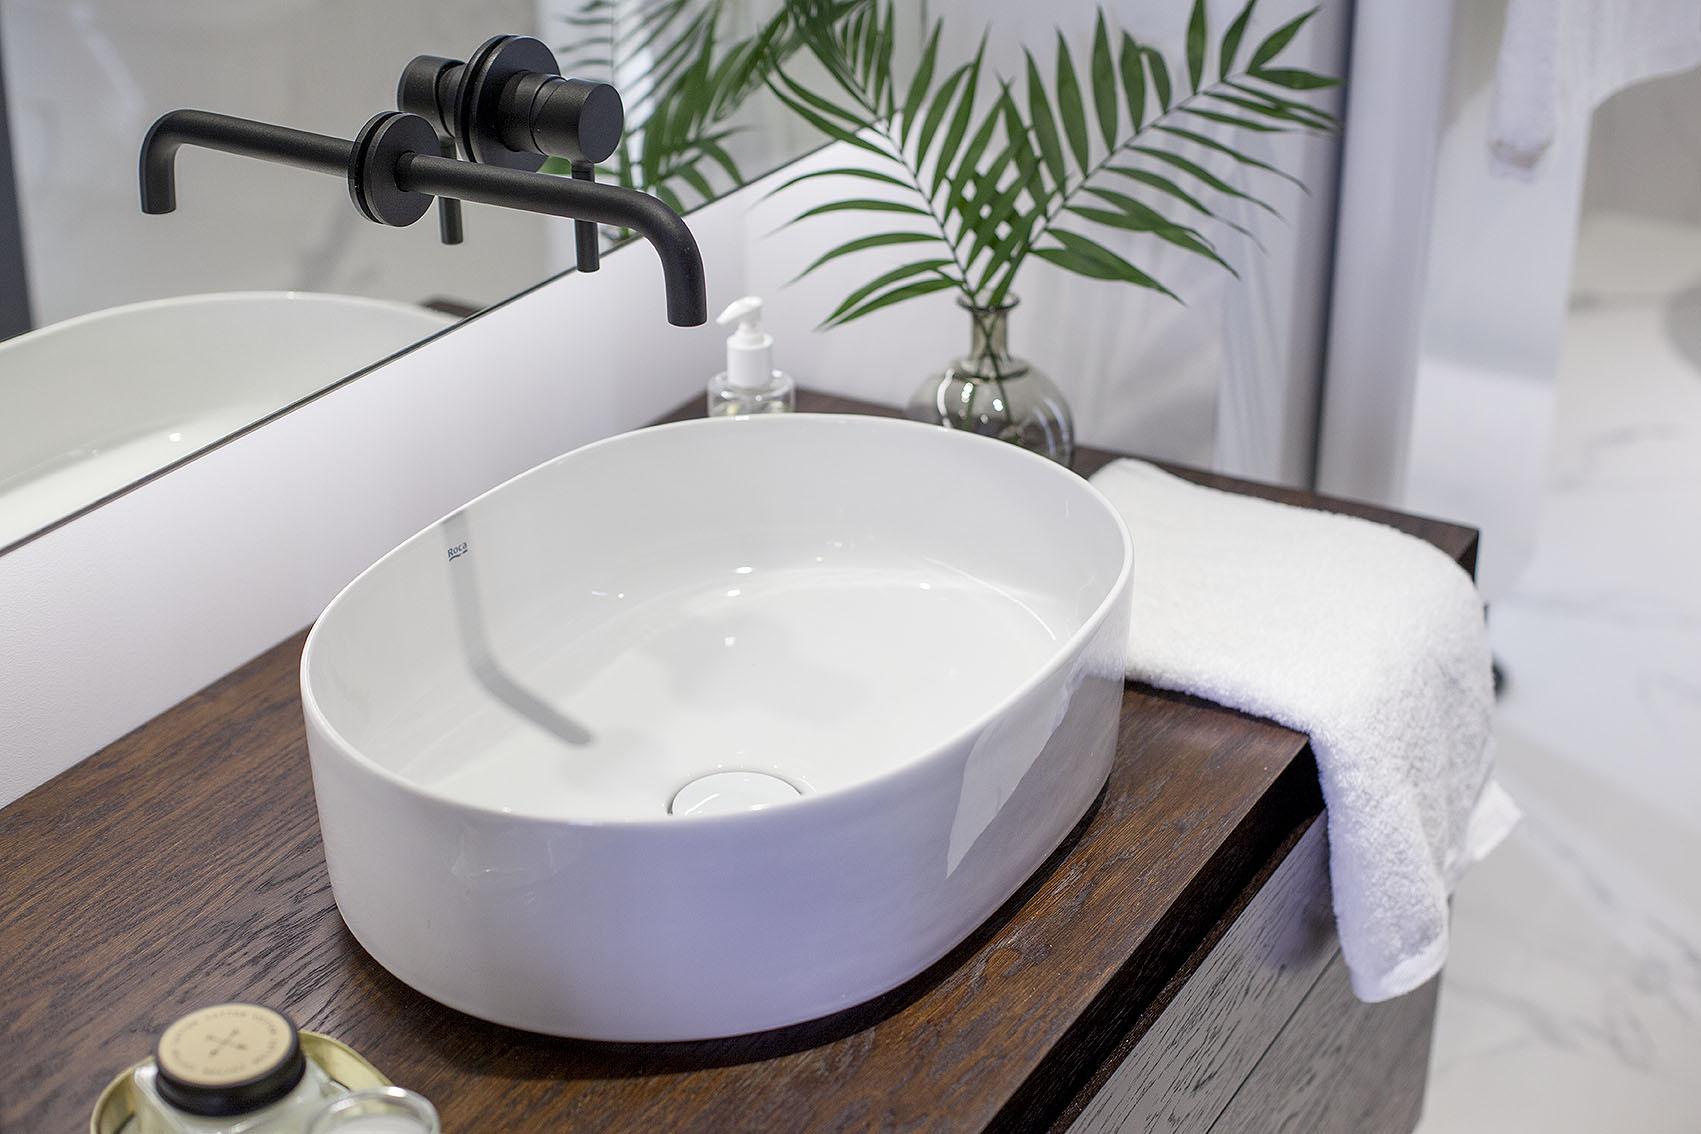 Umywalka stawiana na blat wraz z baterią podtynkową w łazience.